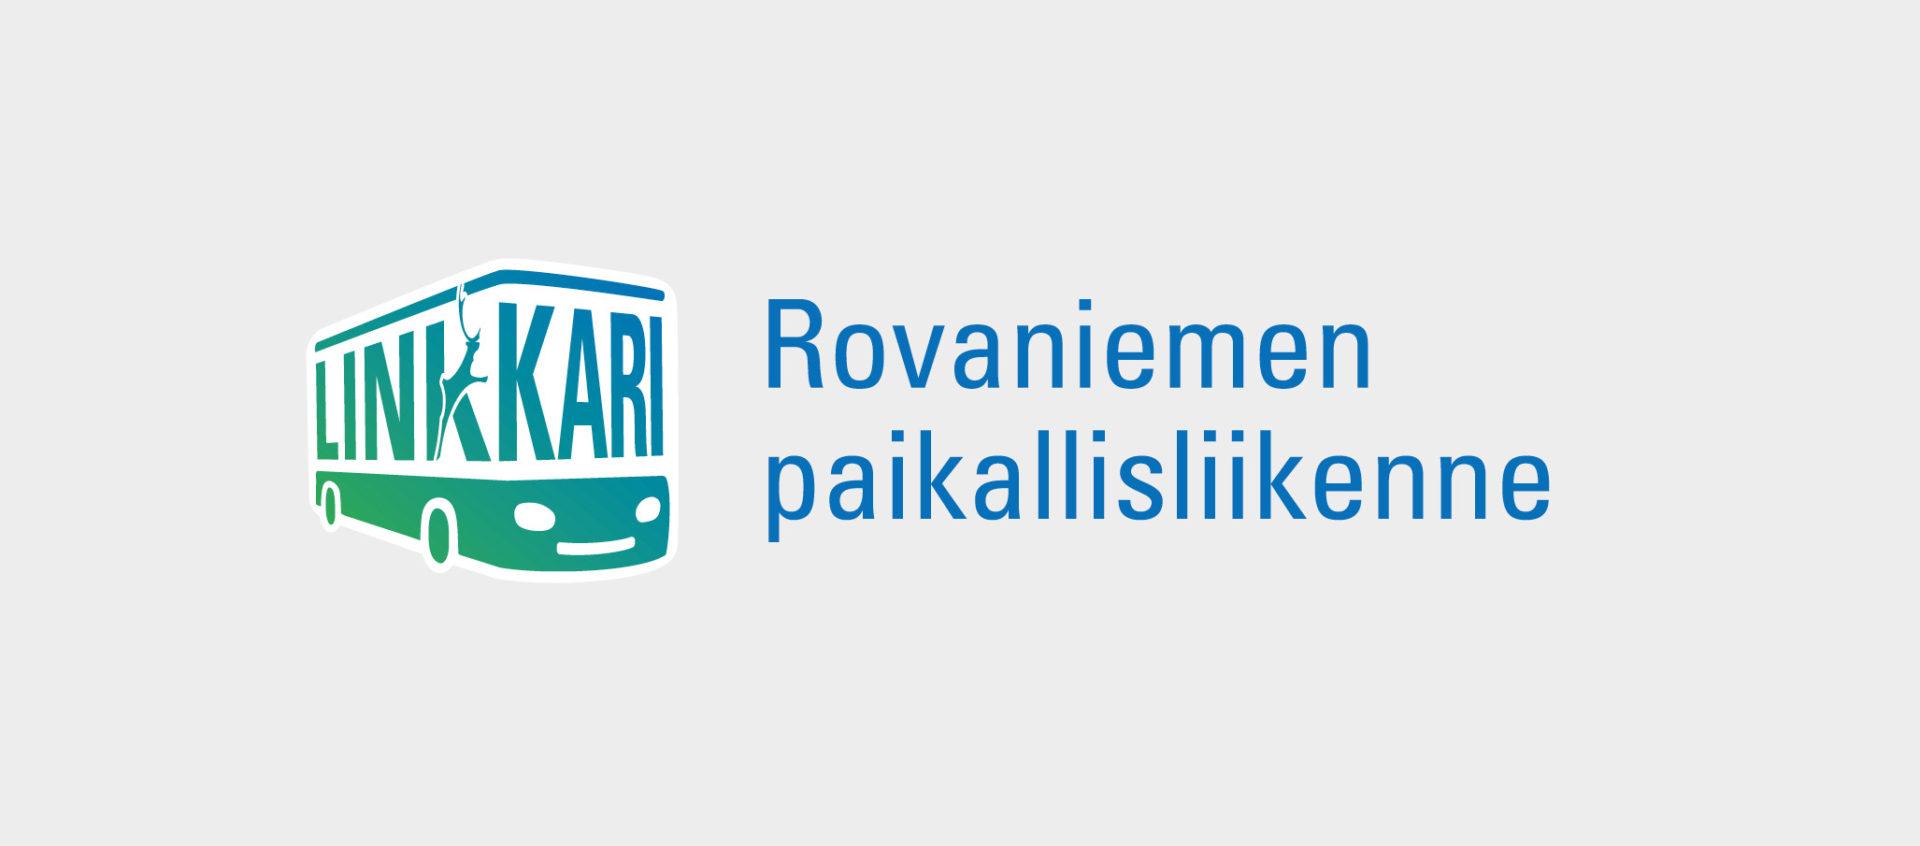 Rovaniemen kaupungin Linkkarin tunnus.